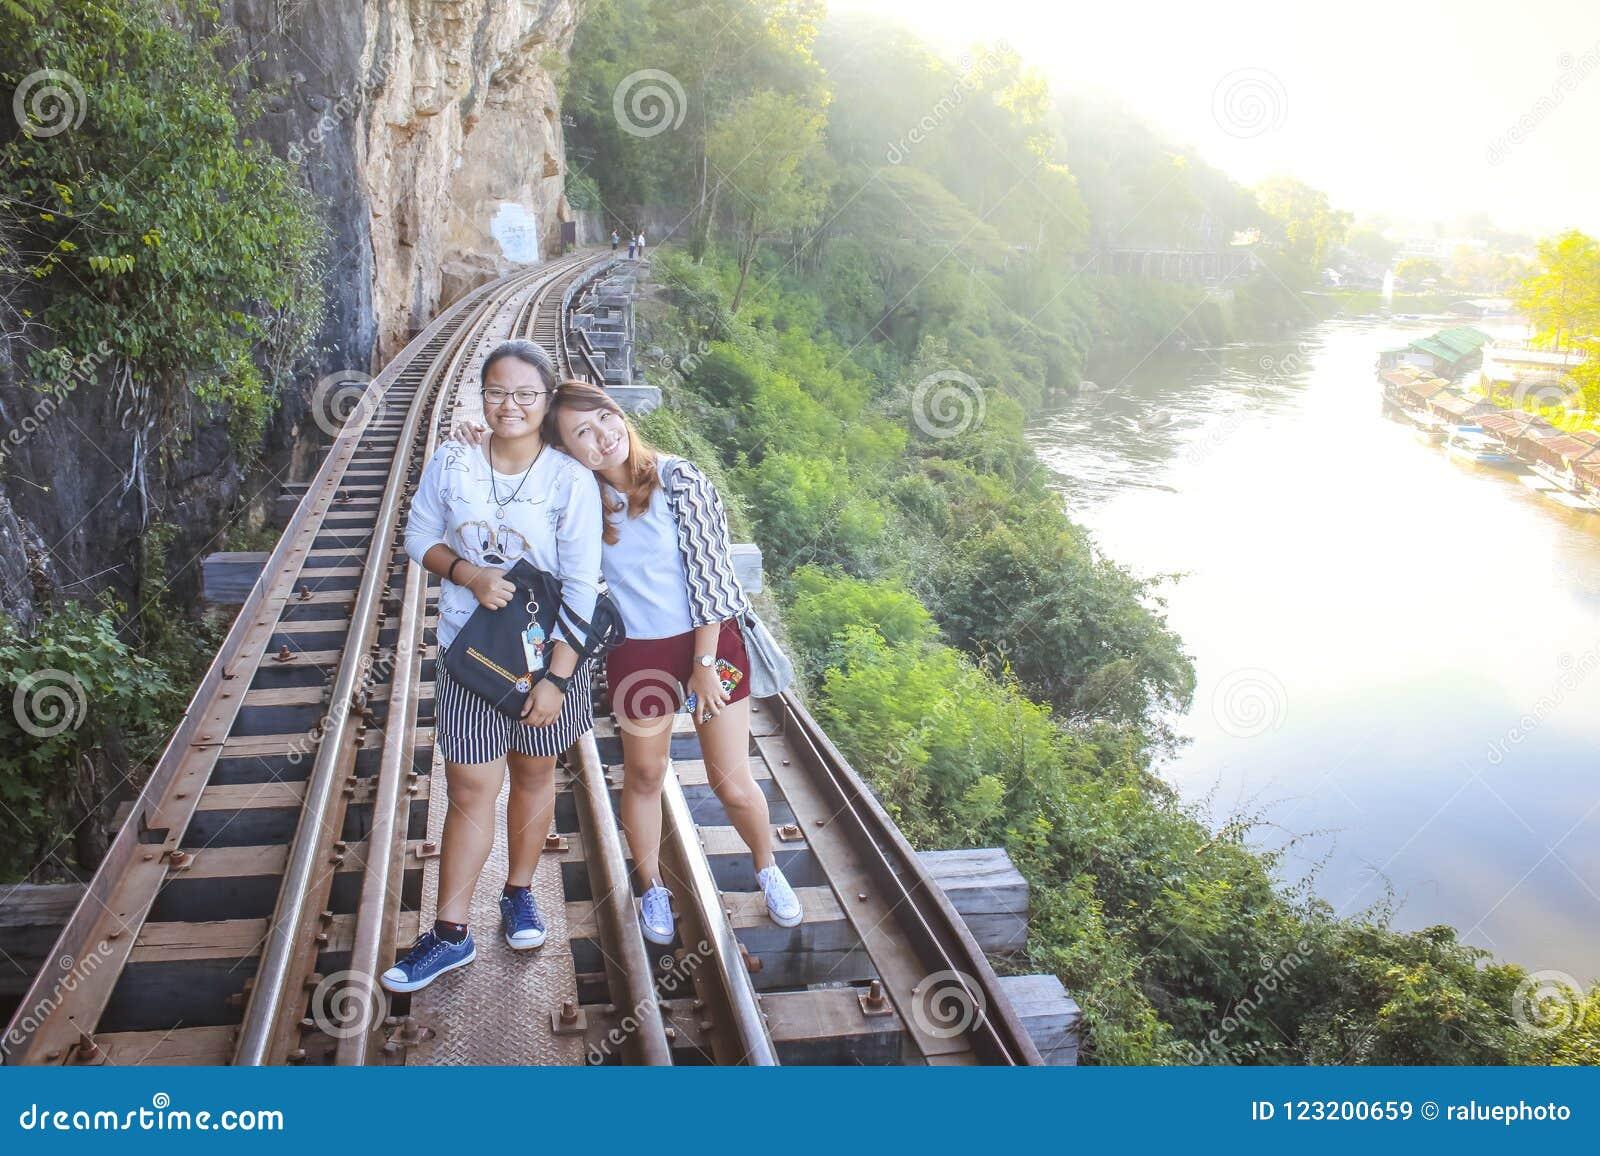 Women visit the Death Railway historical World War 2.